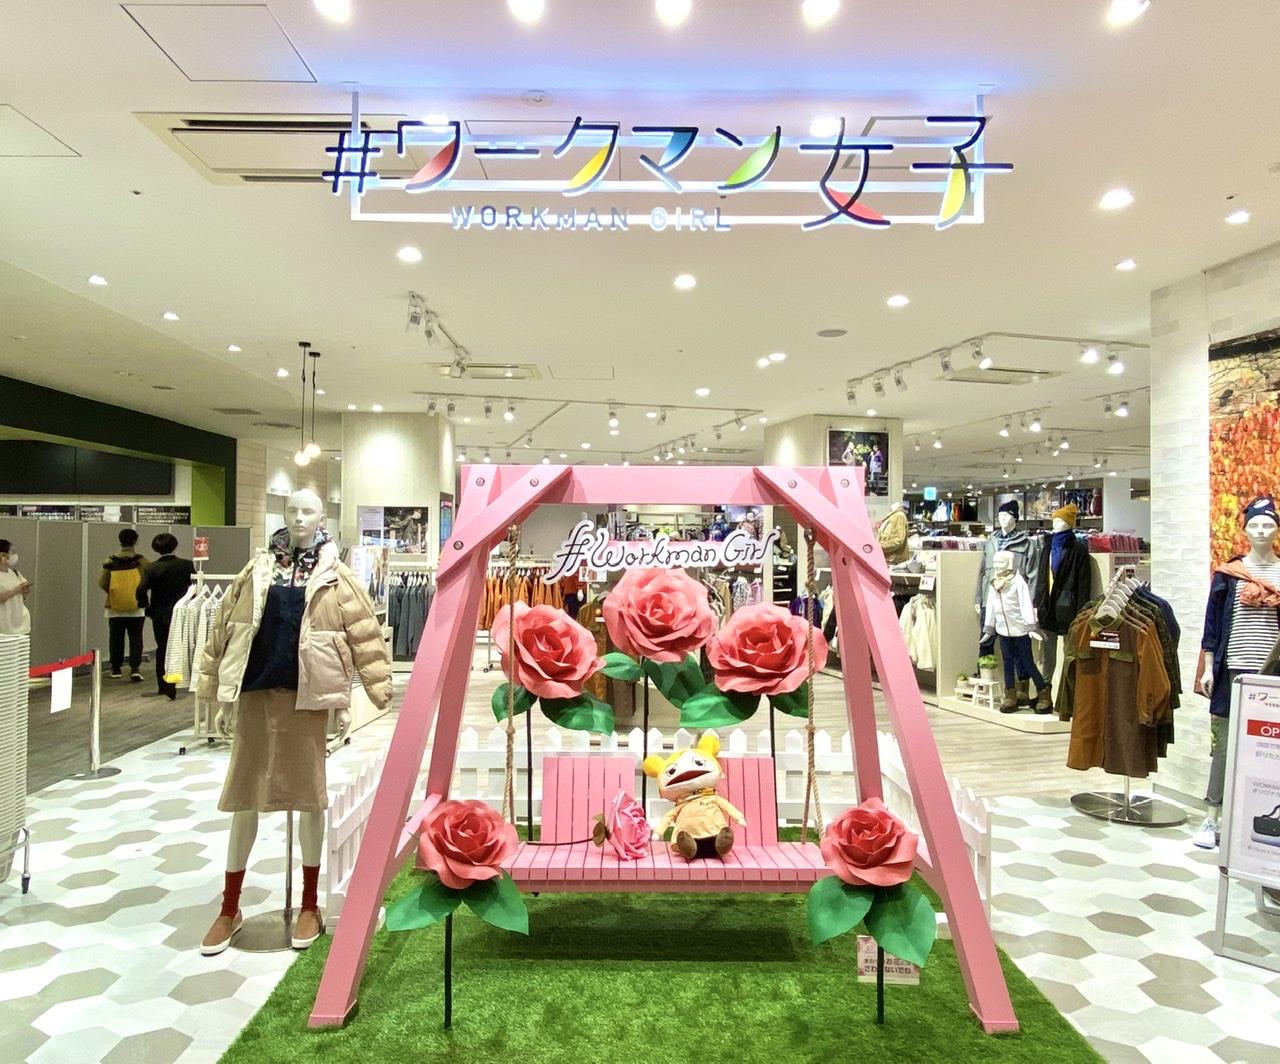 『#ワークマン女子』1号店が横浜にオープン☆ 何が売っているの? どんなお店なの? 徹底調査してきました!_1